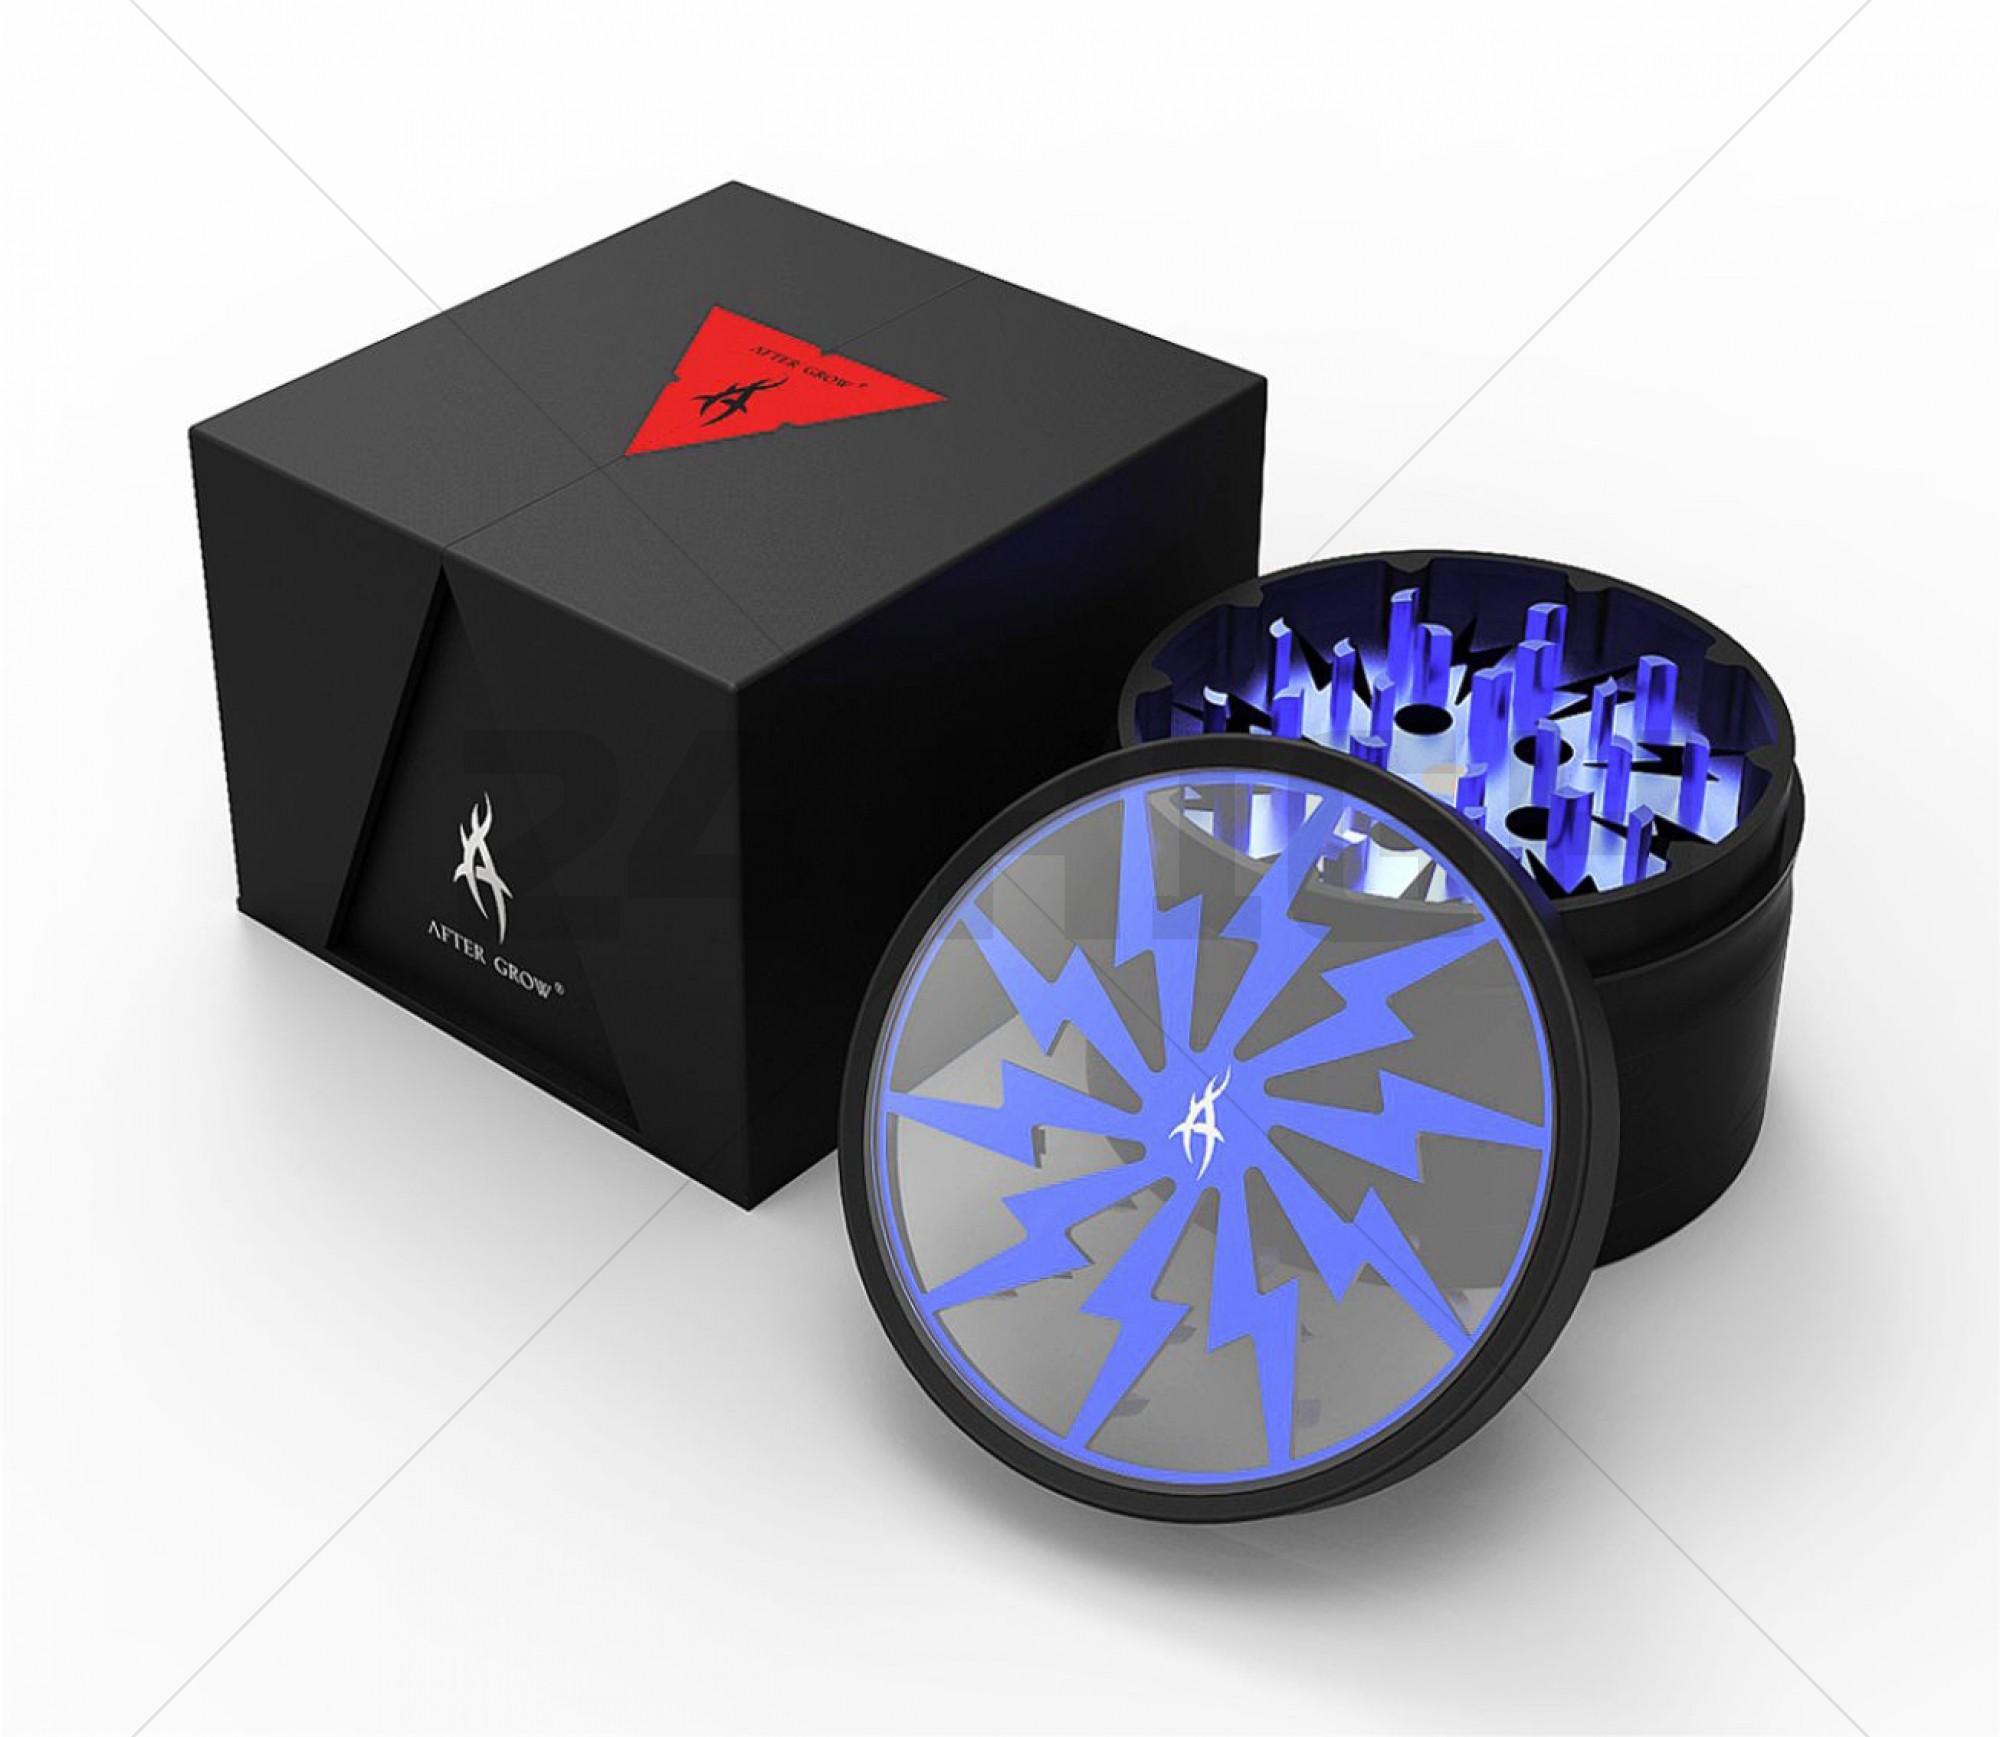 Grinder Aluminium Ø 62 mm 'After Grow' - Color Azul